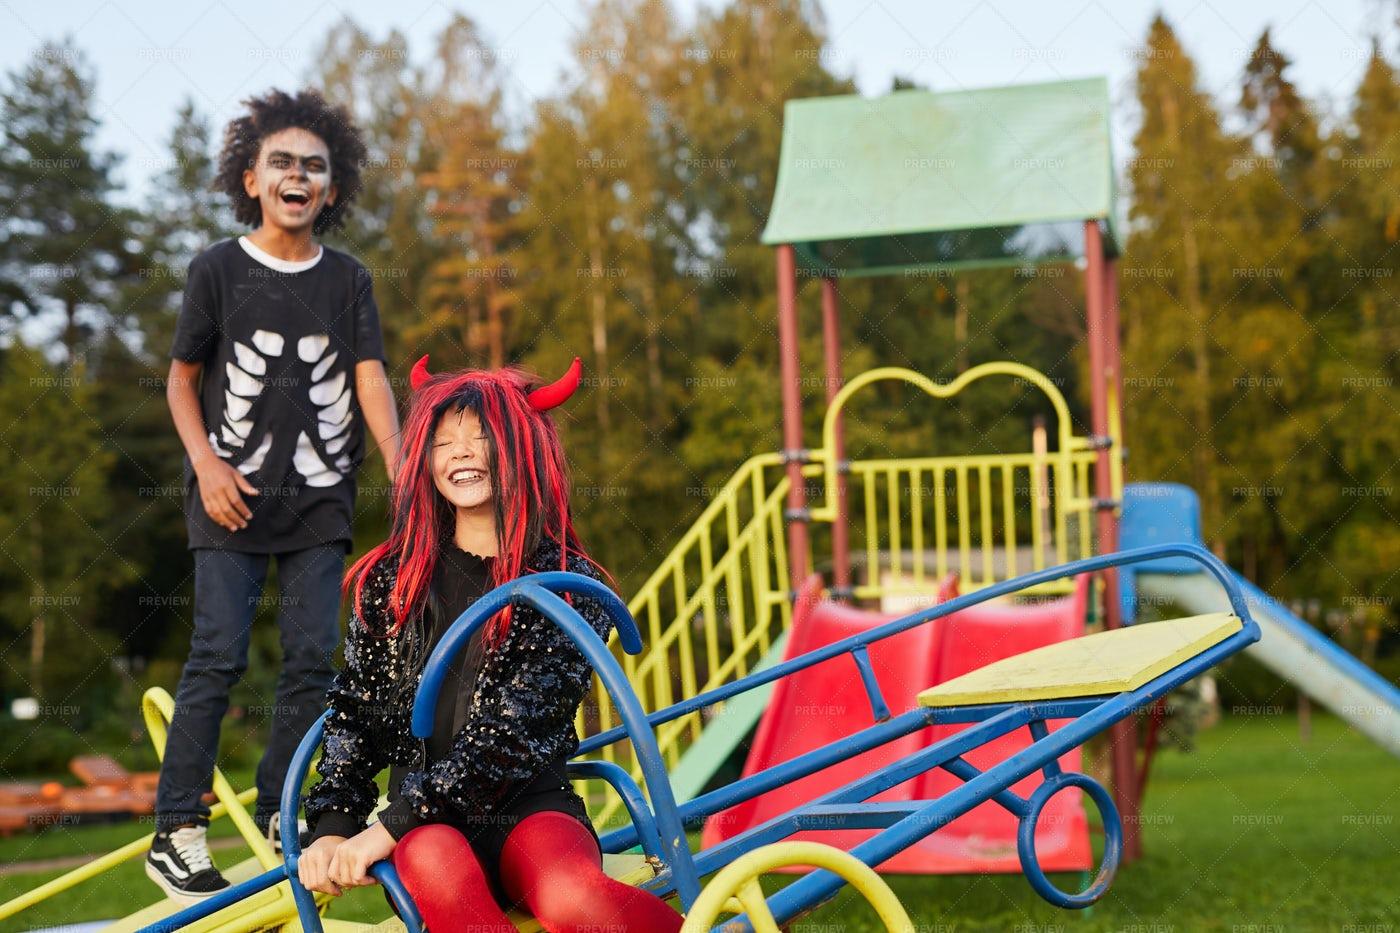 Halloween Kids On Playground: Stock Photos